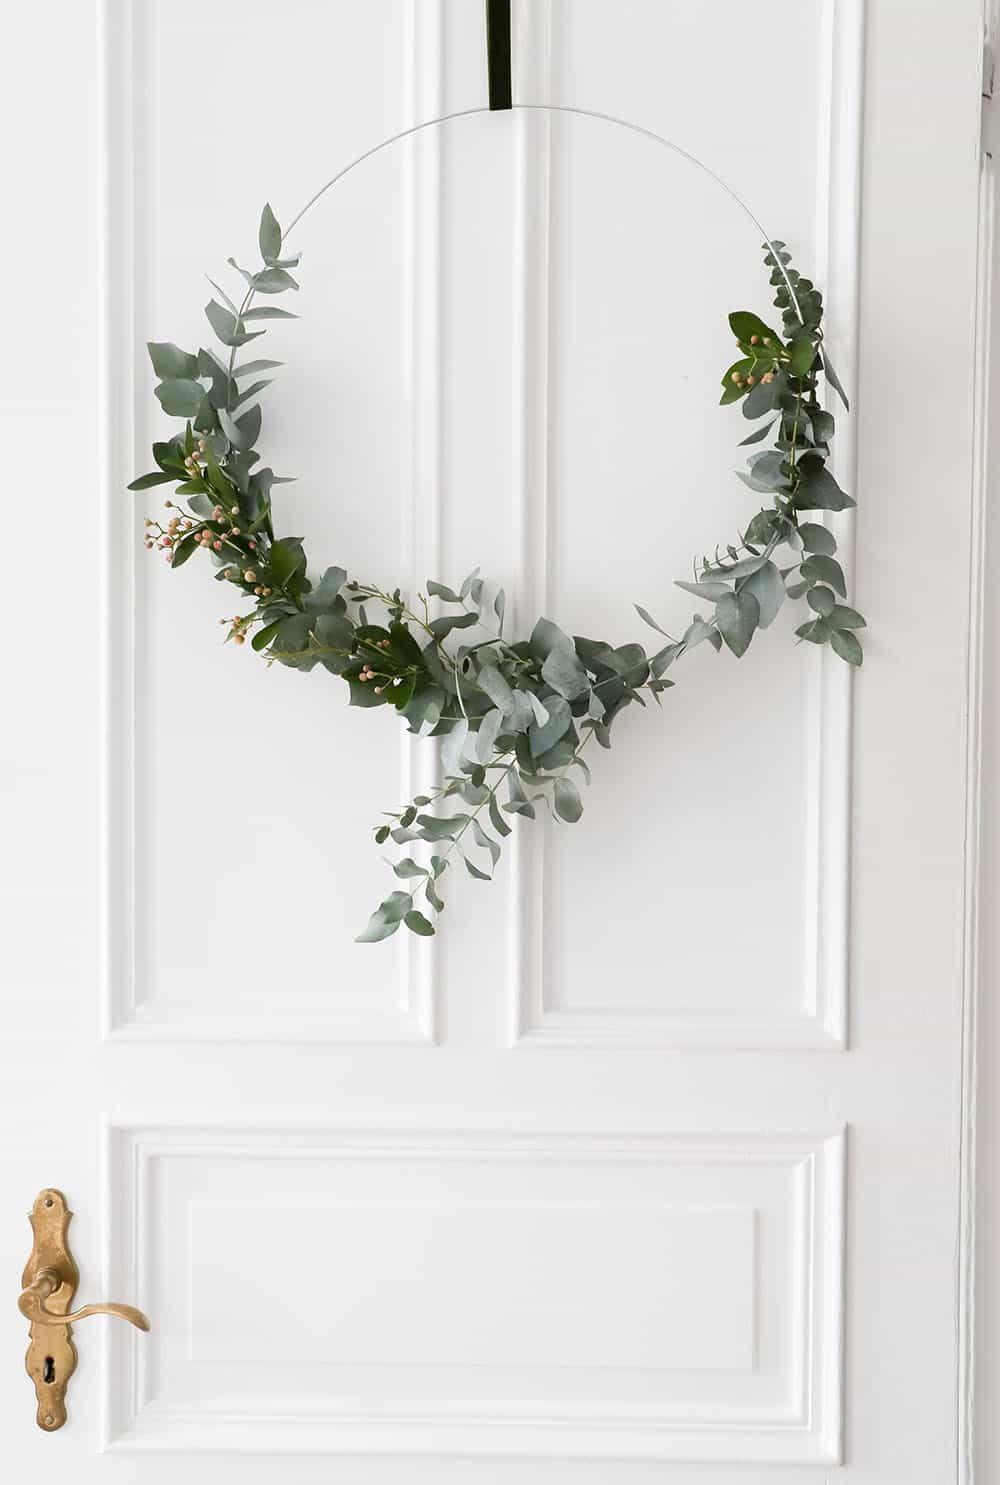 10 simple Deko-Ideen für die muckelige (Weihnachts-) Zeit. Oder: Warum ich es dieses Jahr lieber schlicht halte und die Verwandtschaft trotzdem Sorge hat, wieder nix zu sehen vor lauter Deko. - Ohhh... Mhhh... #julkrans